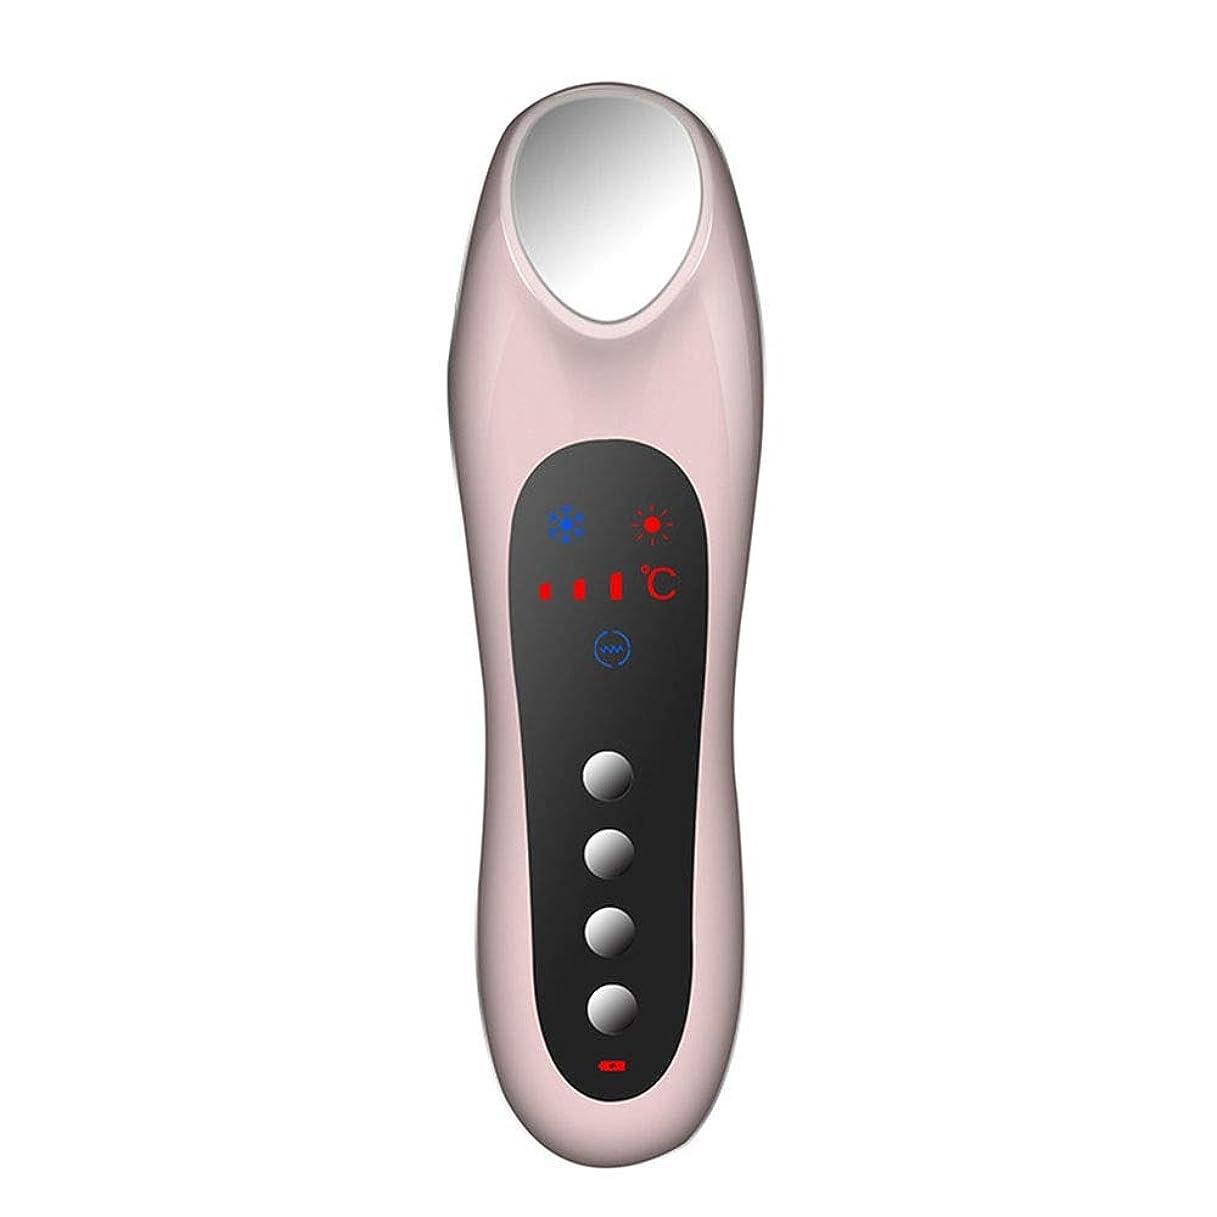 ぼんやりした応援する持つスキンケア 家庭用USB充電冷温暖かいイオン深層導入デュアルモードホット&コールドスイッチング超音波振動マッサージマルチ運動エネルギー美容機器 (色 : Pink)